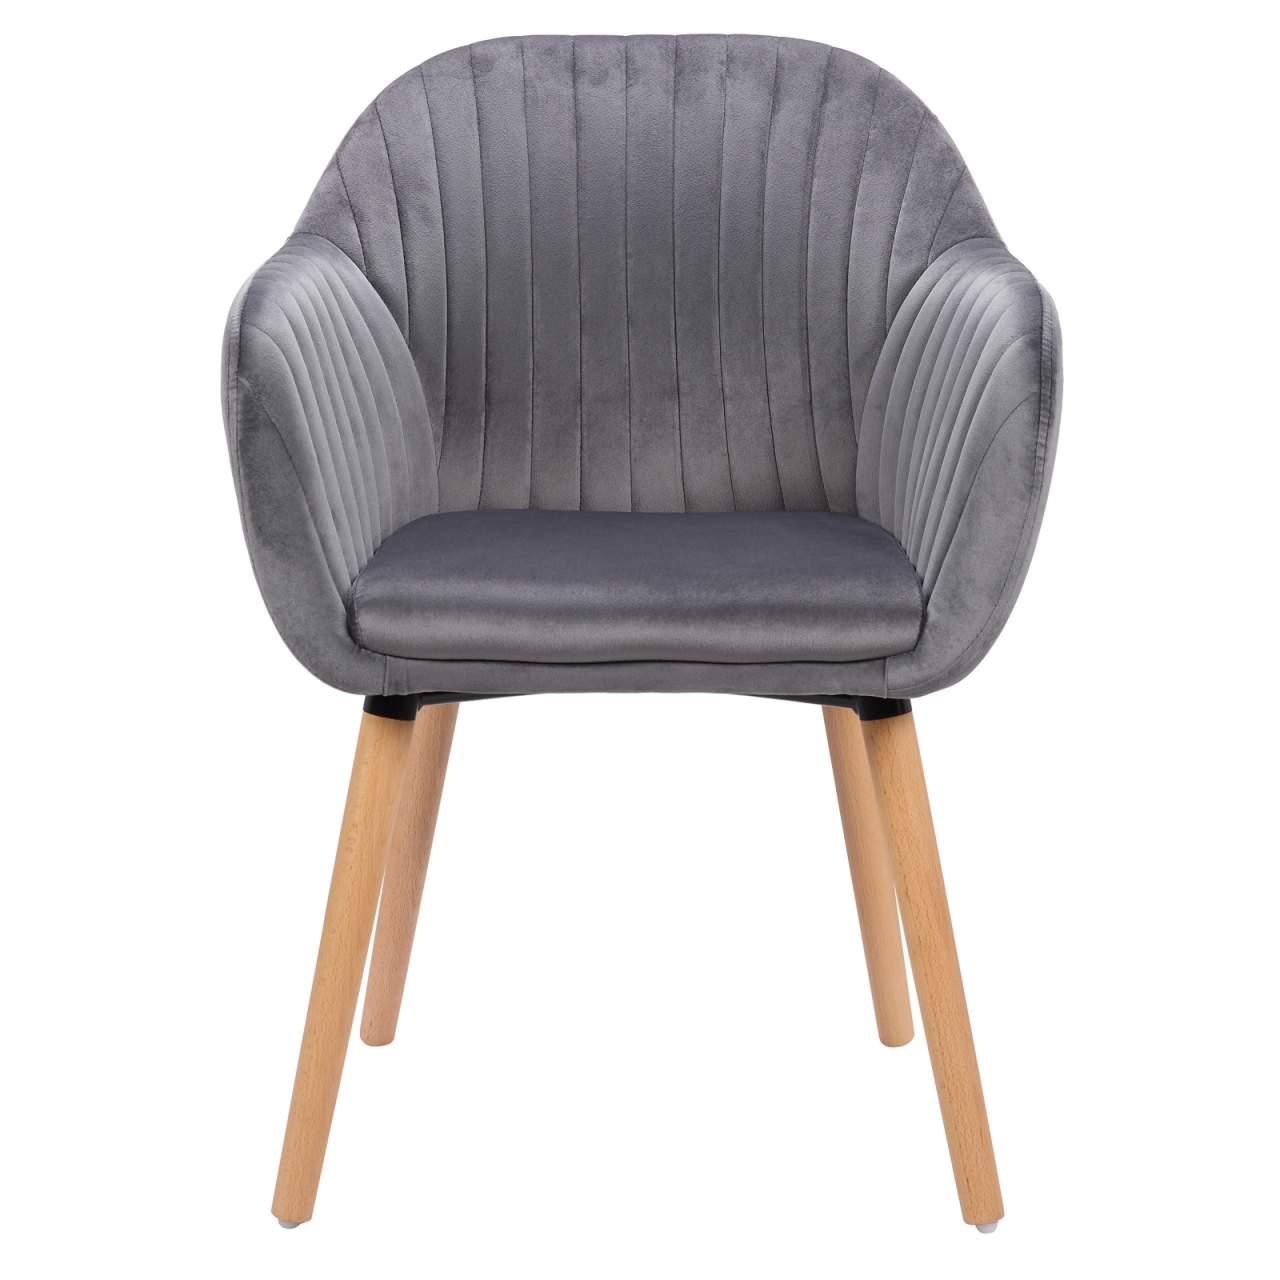 Esszimmerstühle Küchenstuhl Polsterstuhl Design Stuhl Samt Cremeweiß BH95cm-2